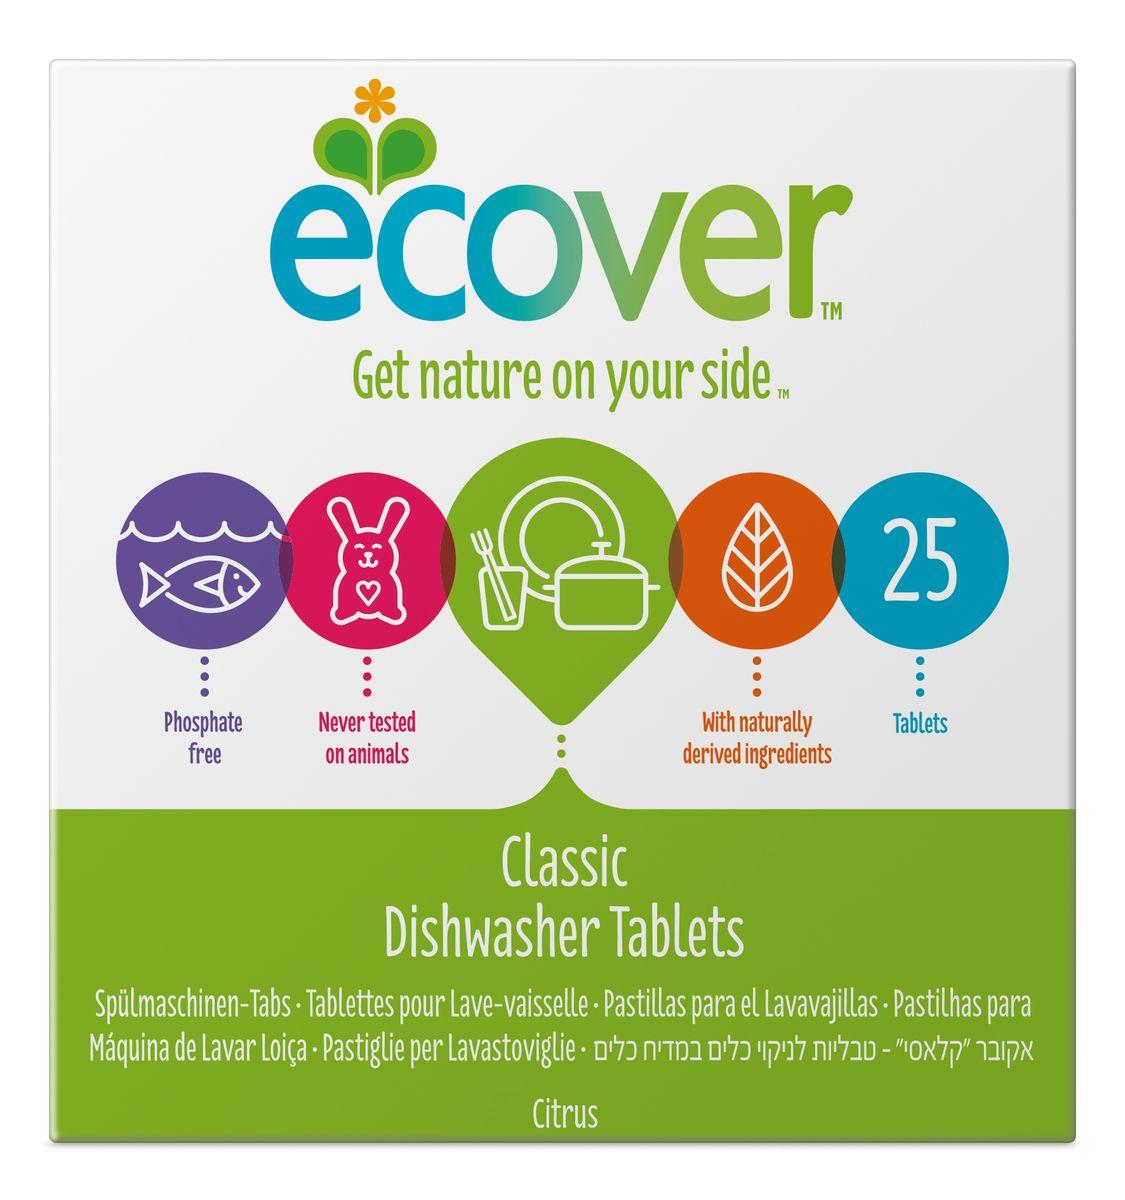 Экологические таблетки для посудомоечной машины Ecover, 25 шт00259Эффективное и экологически чистое средство Ecover для автоматического мытья посуды. Прекрасно удаляет загрязнения и жиры, оставляя посуду чистой и придавая ей блеск, не оставляя после себя никаких следов. Предотвращает образование известковых отложений на посуде и нагревательных элементах посудомоечной машины за счет использования быстроразлагаемых полипептидов. Каждая таблетка имеет индивидуальную упаковку. Не содержит синтетических ароматизаторов и хлора! Содержит энзимы (не ГМО). Обладает легким натуральным ароматом лимона. Подходит для использования в домах с автономной канализацией. Не наносит вреда любым видам септиков! Характеристики:Состав: 15-30% кислородный отбеливатель, цеолиты; Количество таблеток в упаковке: 25 шт. Вес: 500 г. Товар сертифицирован. Уважаемые клиенты!Обращаем ваше внимание на измененный дизайн упаковки. Комплектация осталась безизменений.